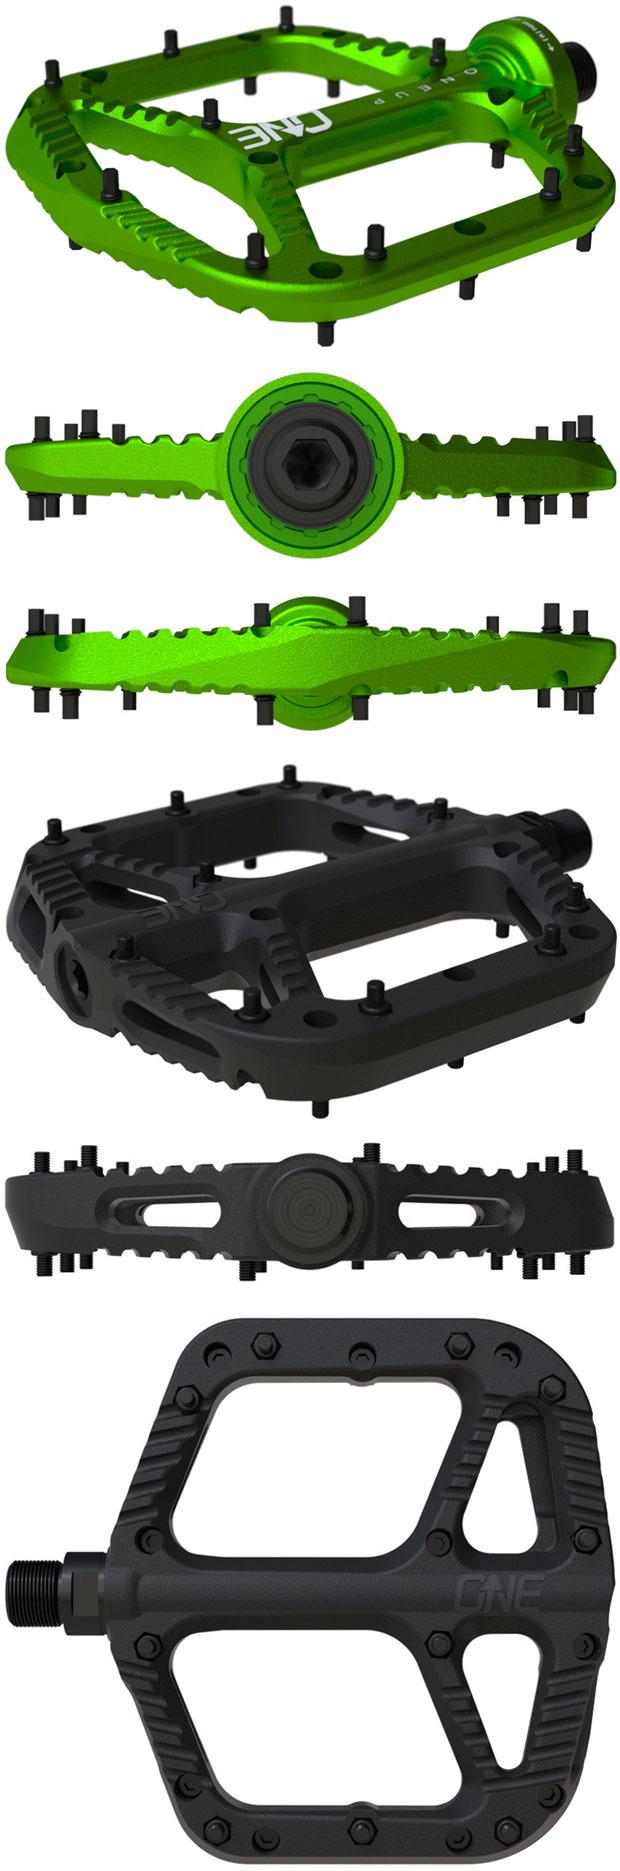 En TodoMountainBike: OneUp Components amplía su catálogo con el lanzamiento de dos pedales de plataforma